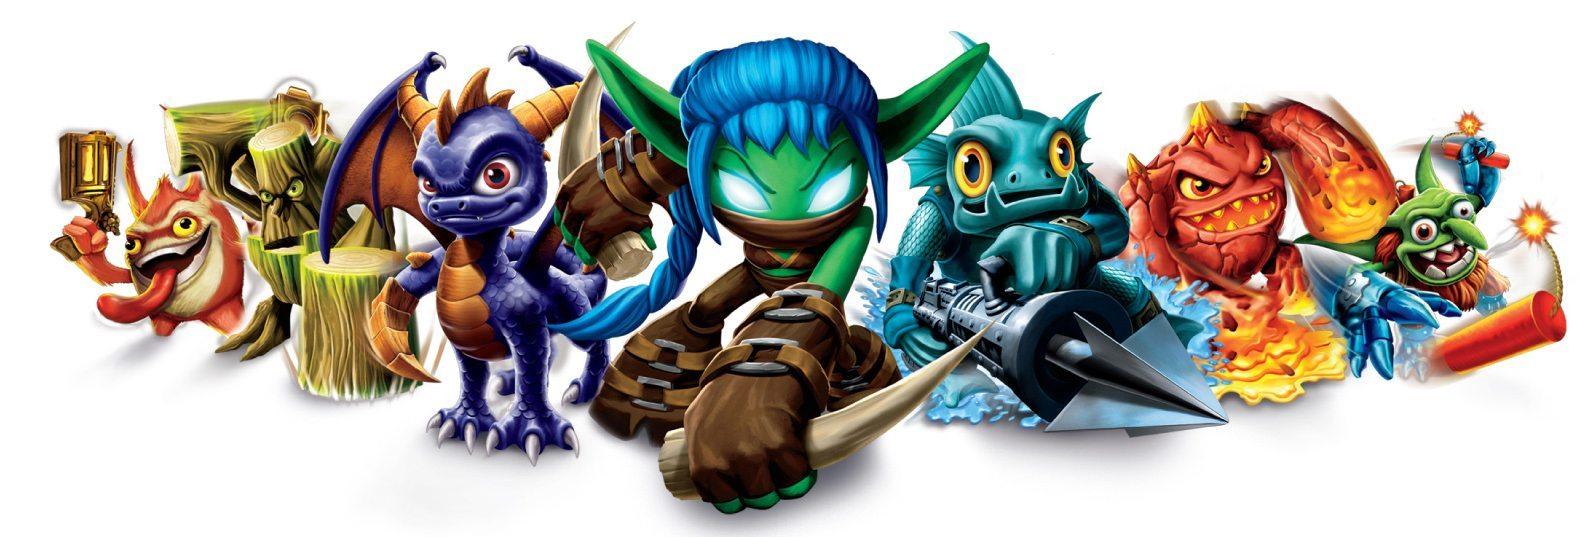 Skylanders Heroes